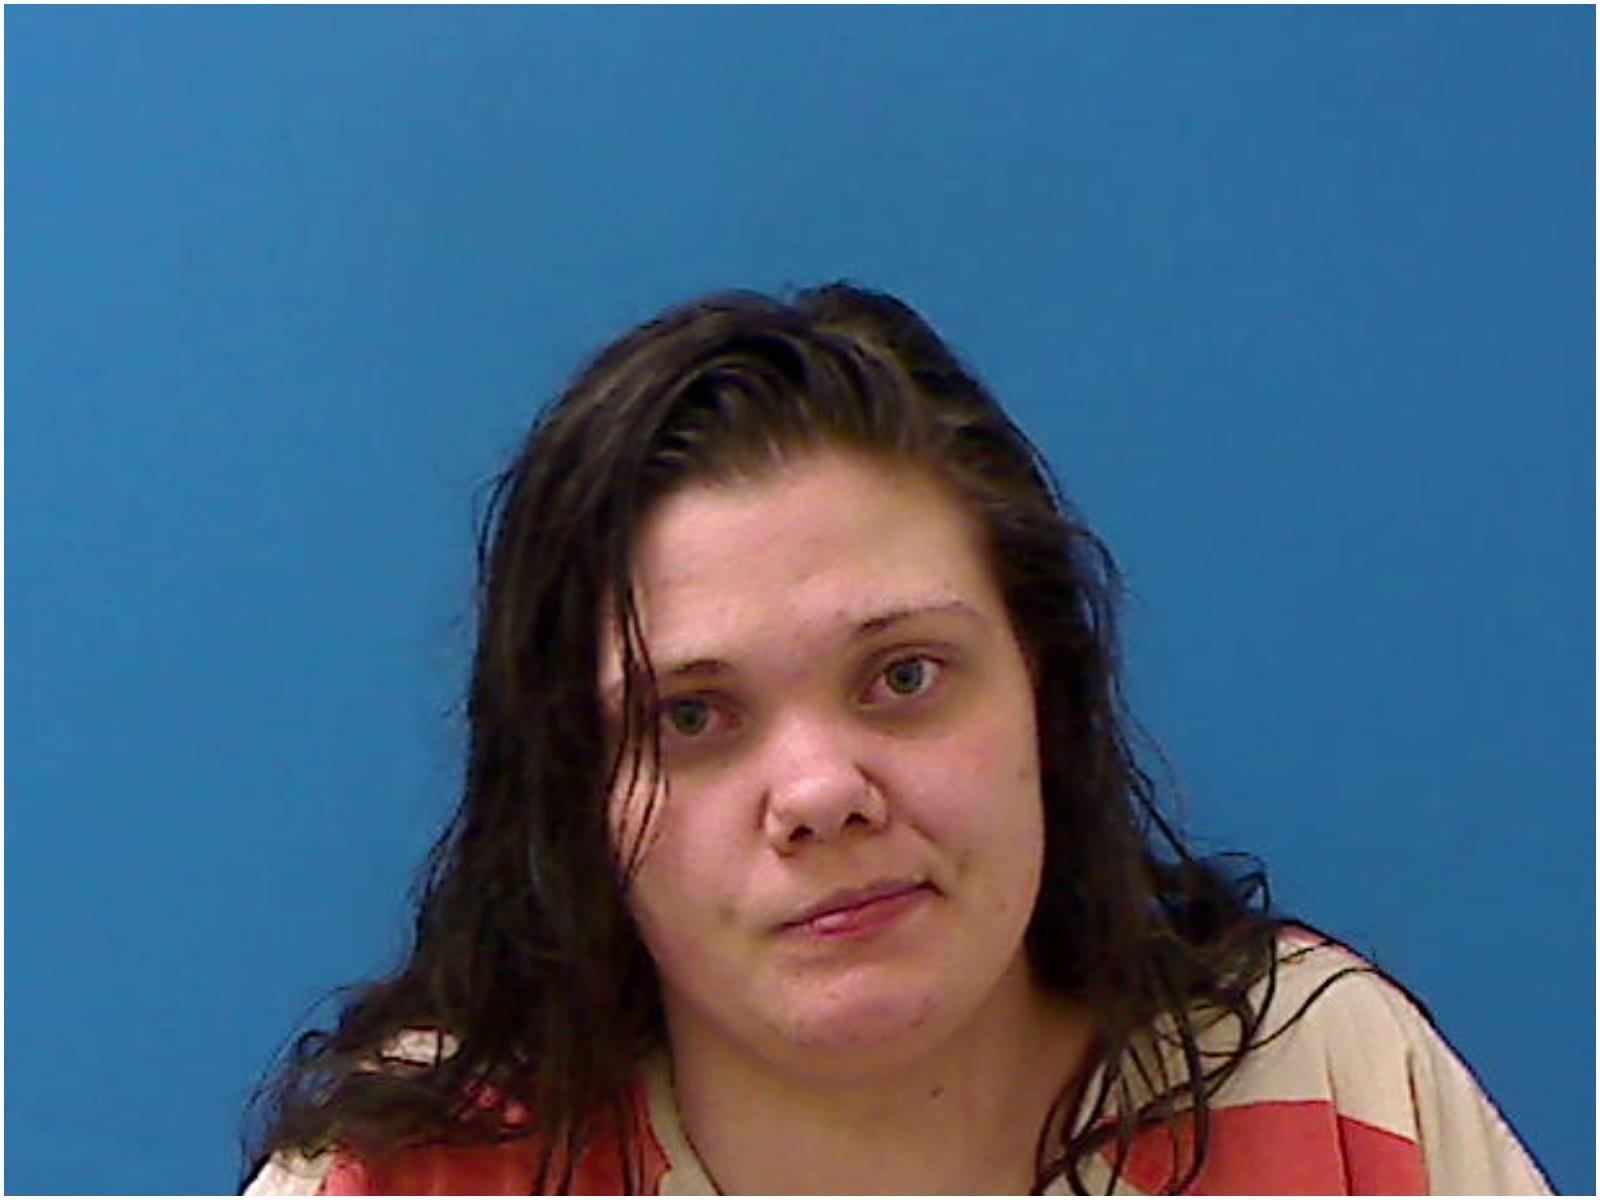 Defendant Katlyn Hendricks